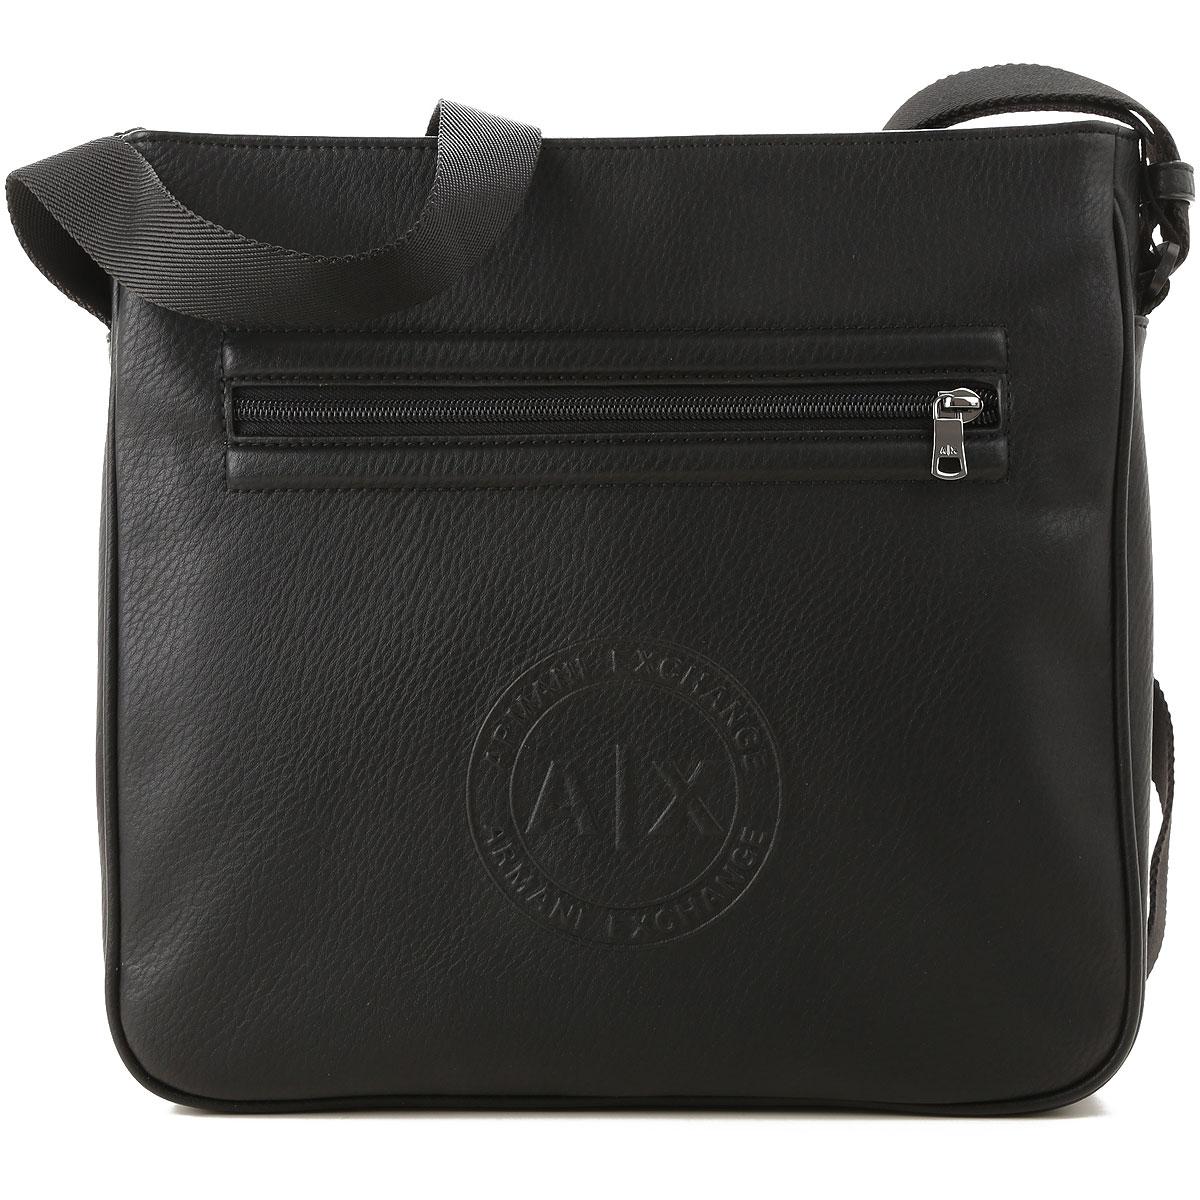 Image of Armani Jeans Messenger Bag for Men, Black, polyester, 2017